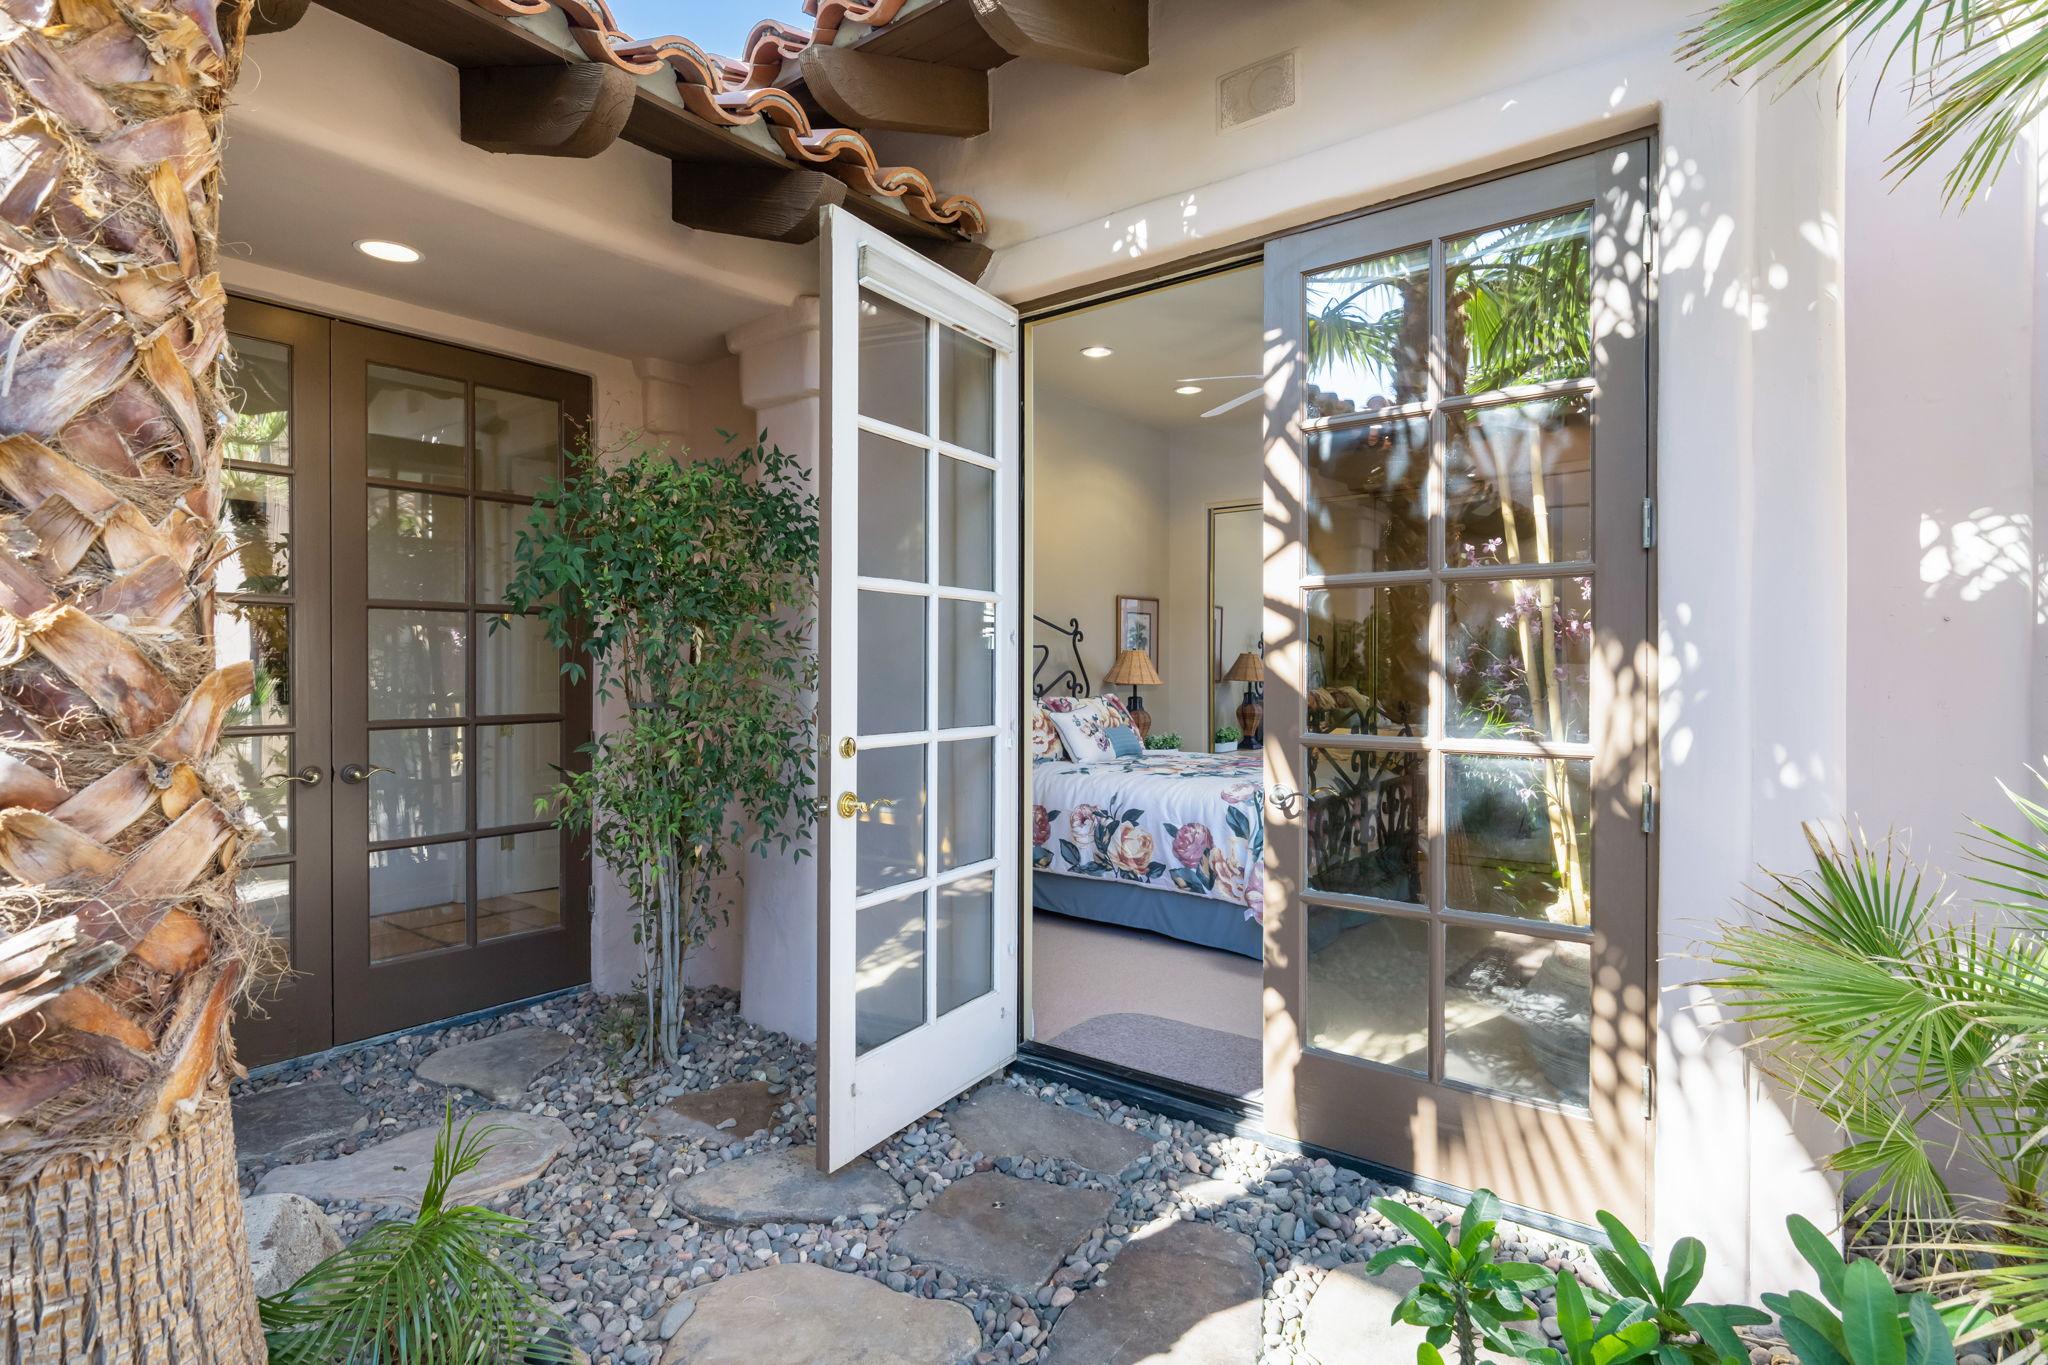 50910 Nectareo, La Quinta, CA 92253, USA Photo 65